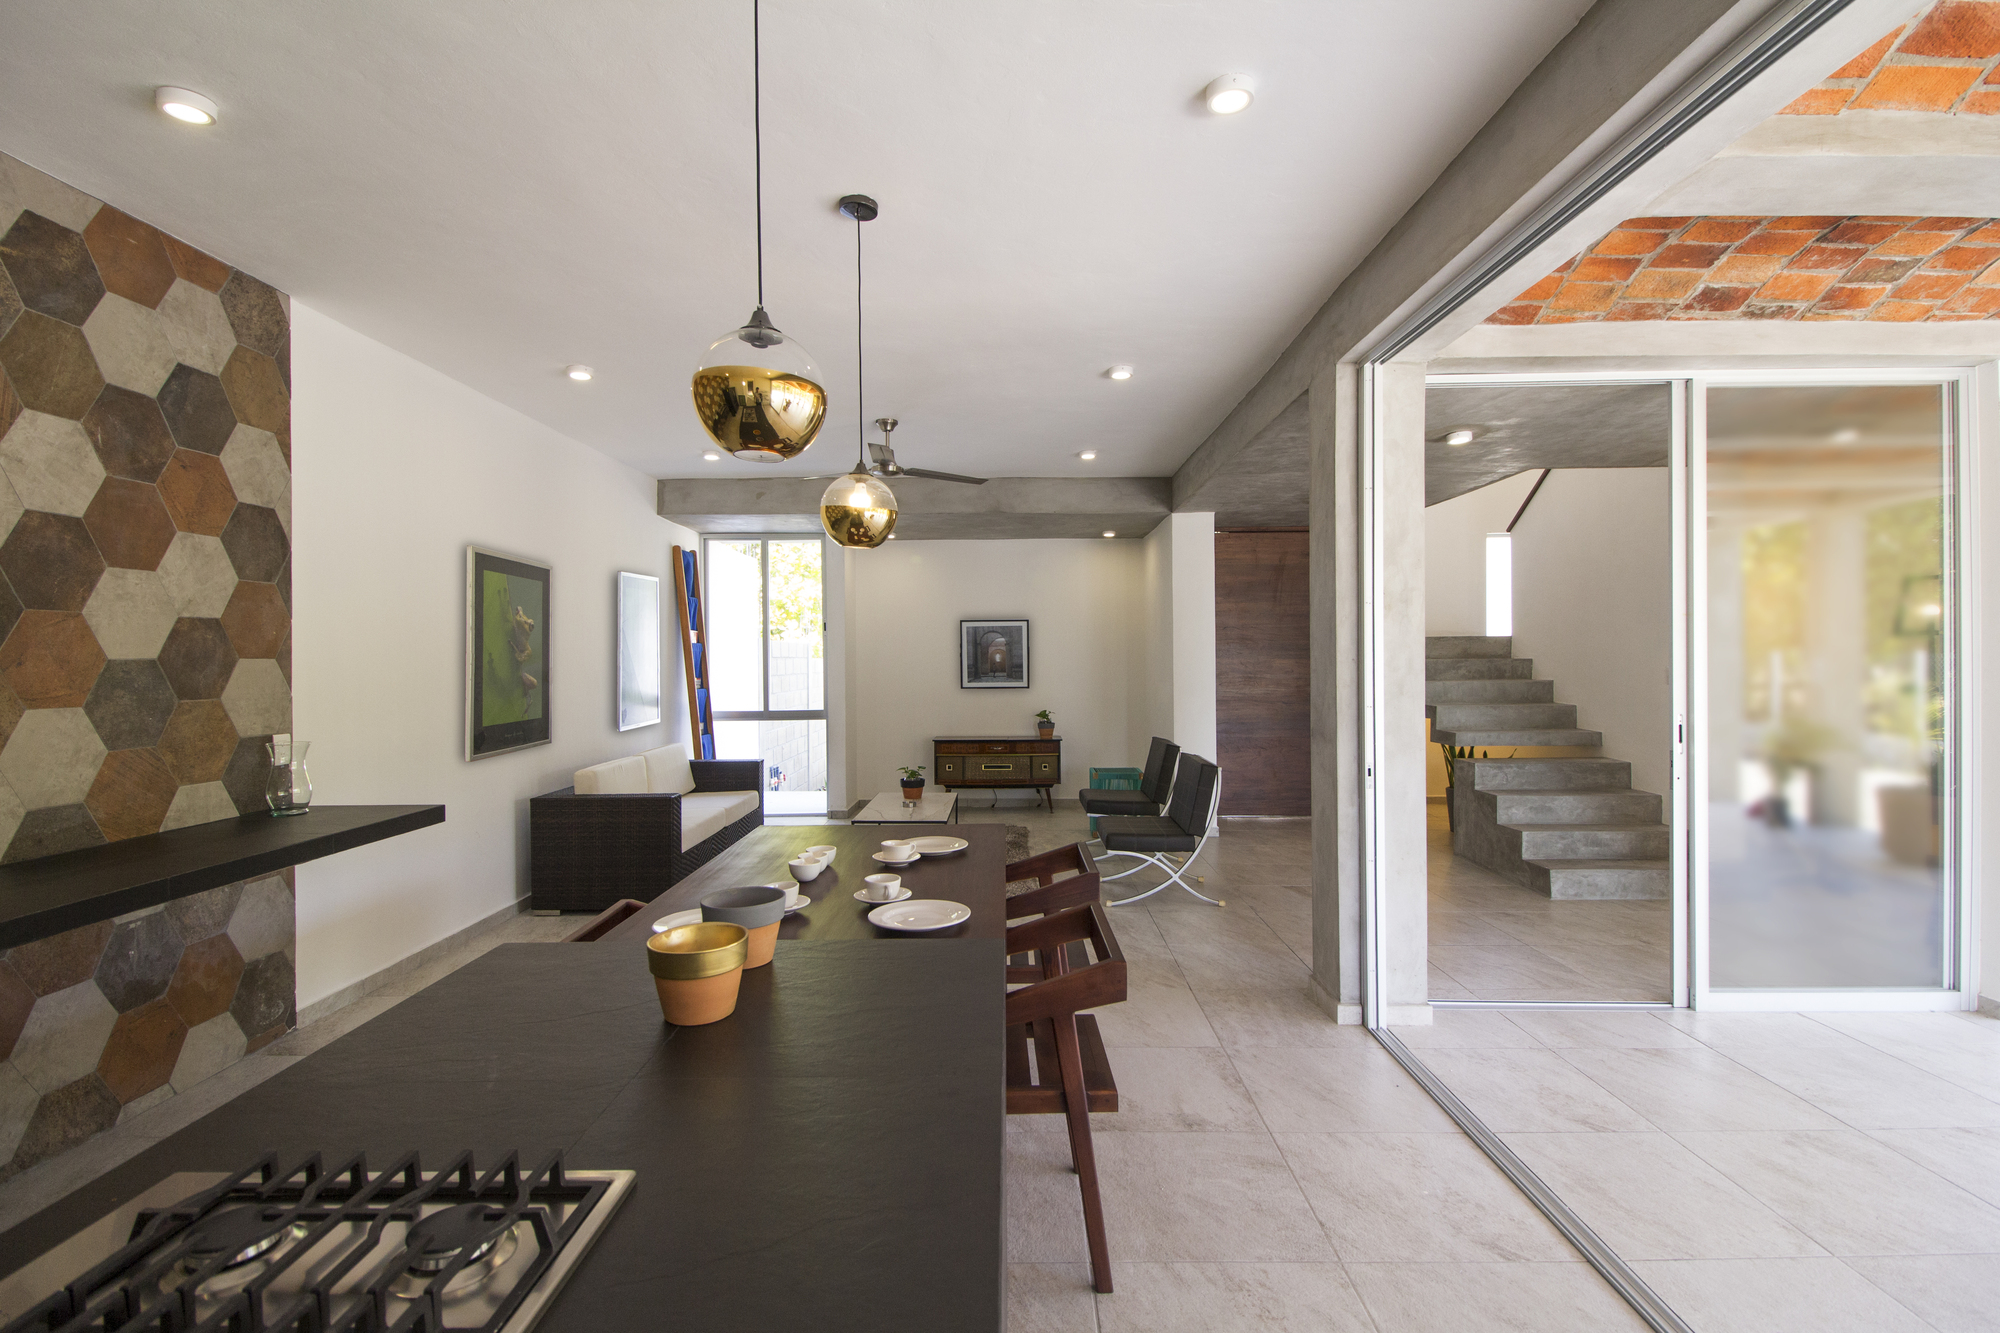 Galeria de casa mida apaloosa estudio de arquitectura y for Estudio de arquitectura y diseno